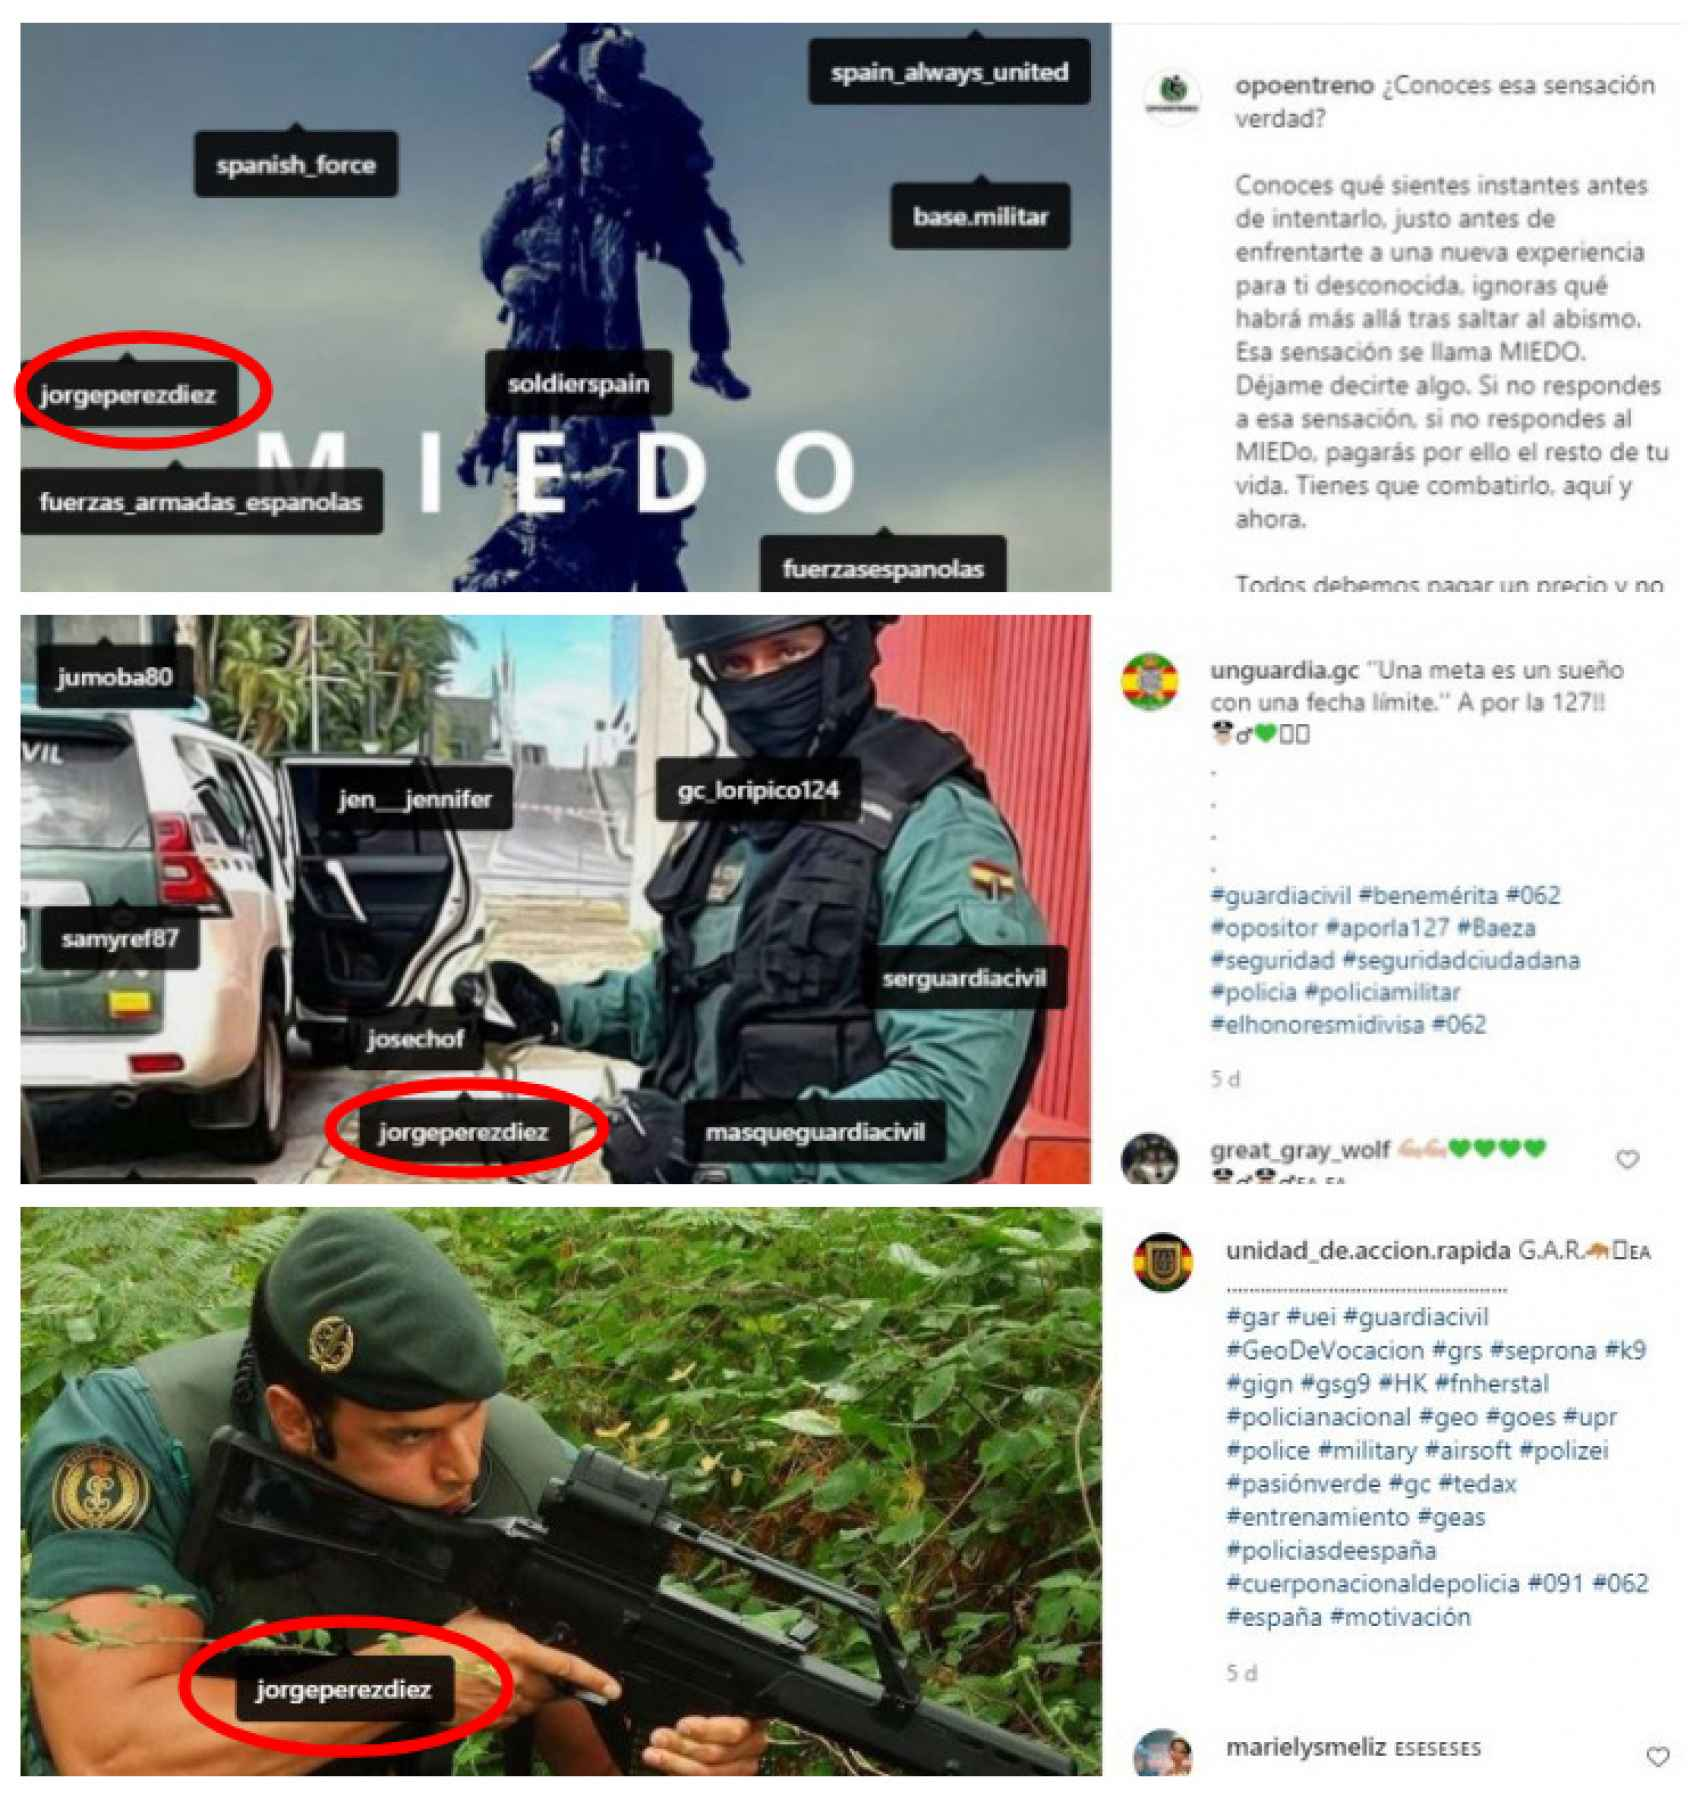 Varios grupos ligados a la Guardia Civil siguen ensalzando la figura de Jorge Pérez en su equipo.